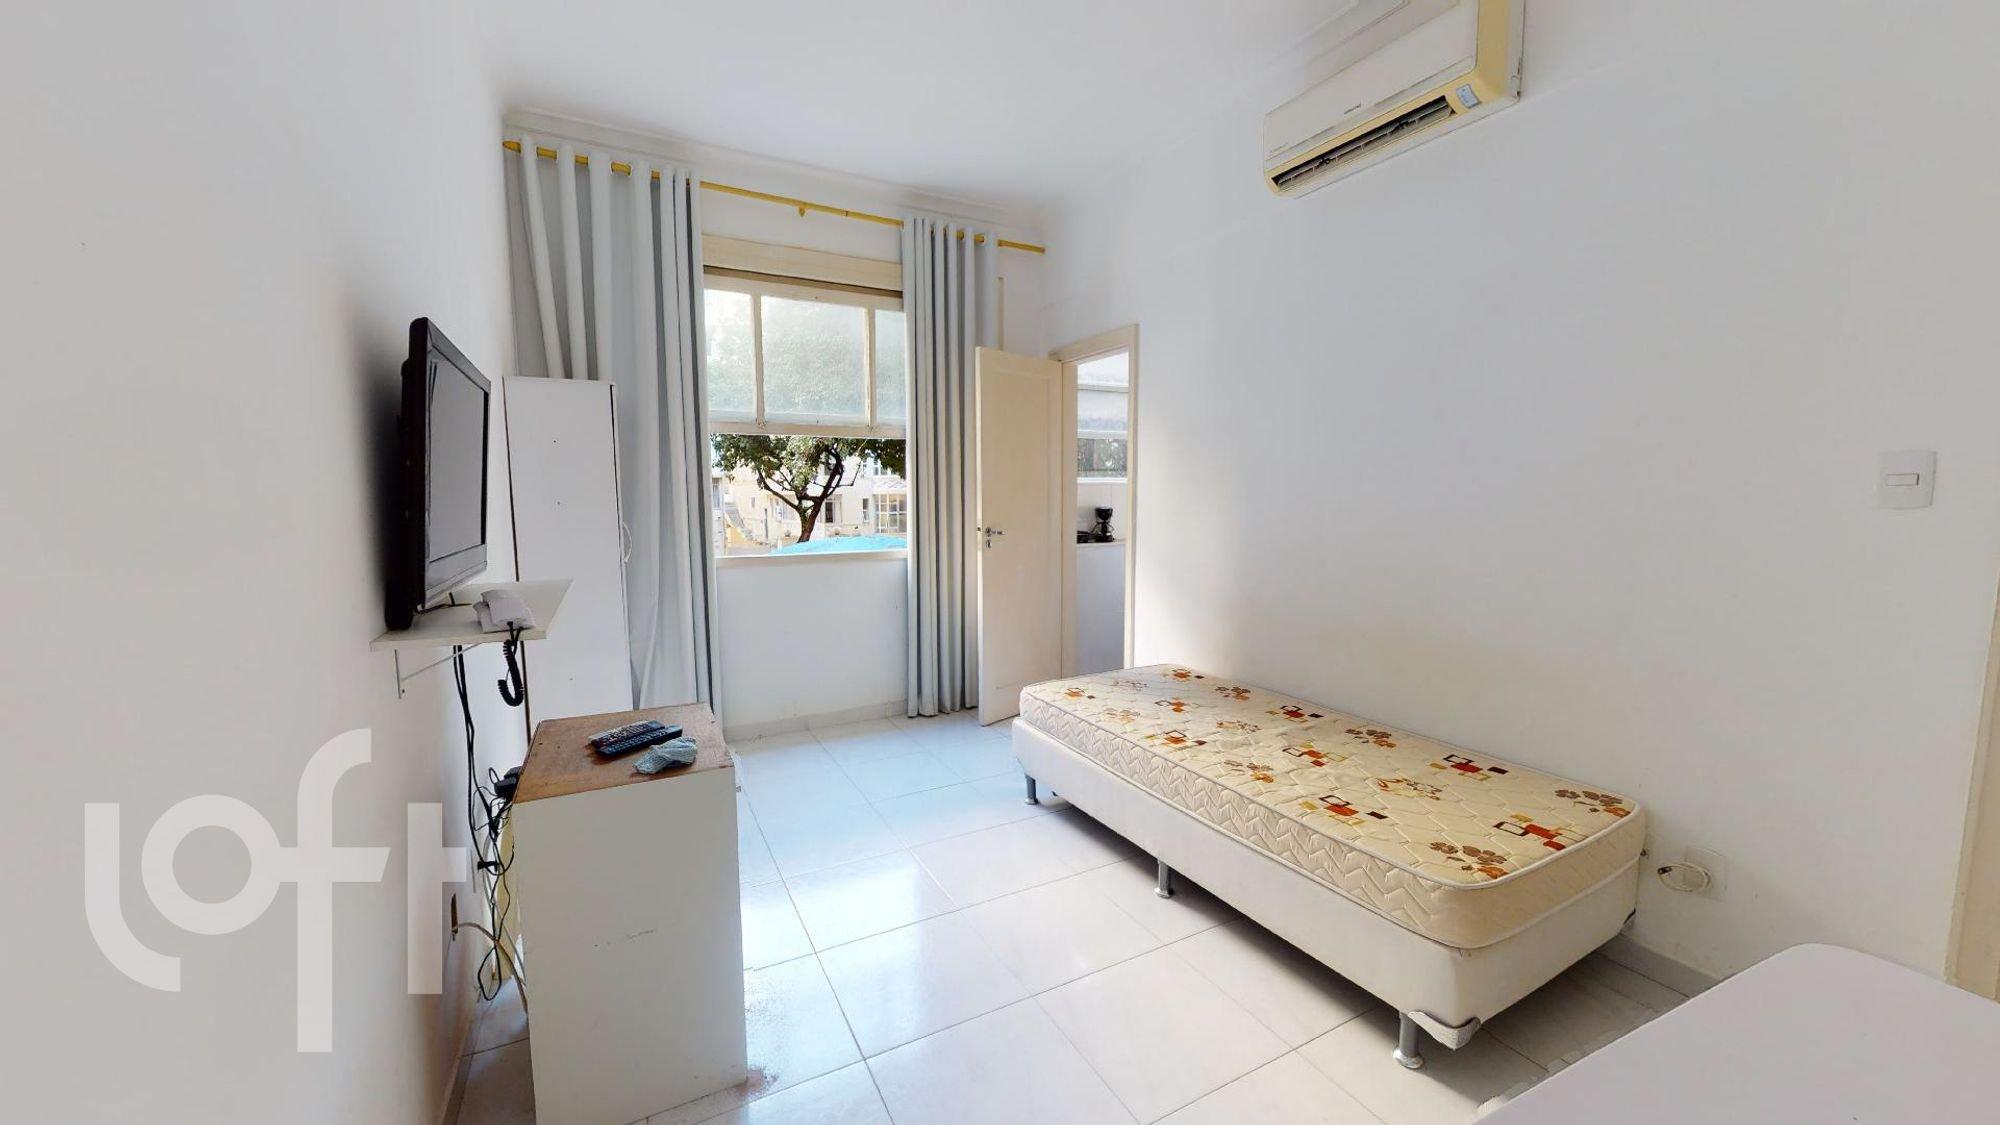 Foto de Quarto com cama, controle remoto, televisão